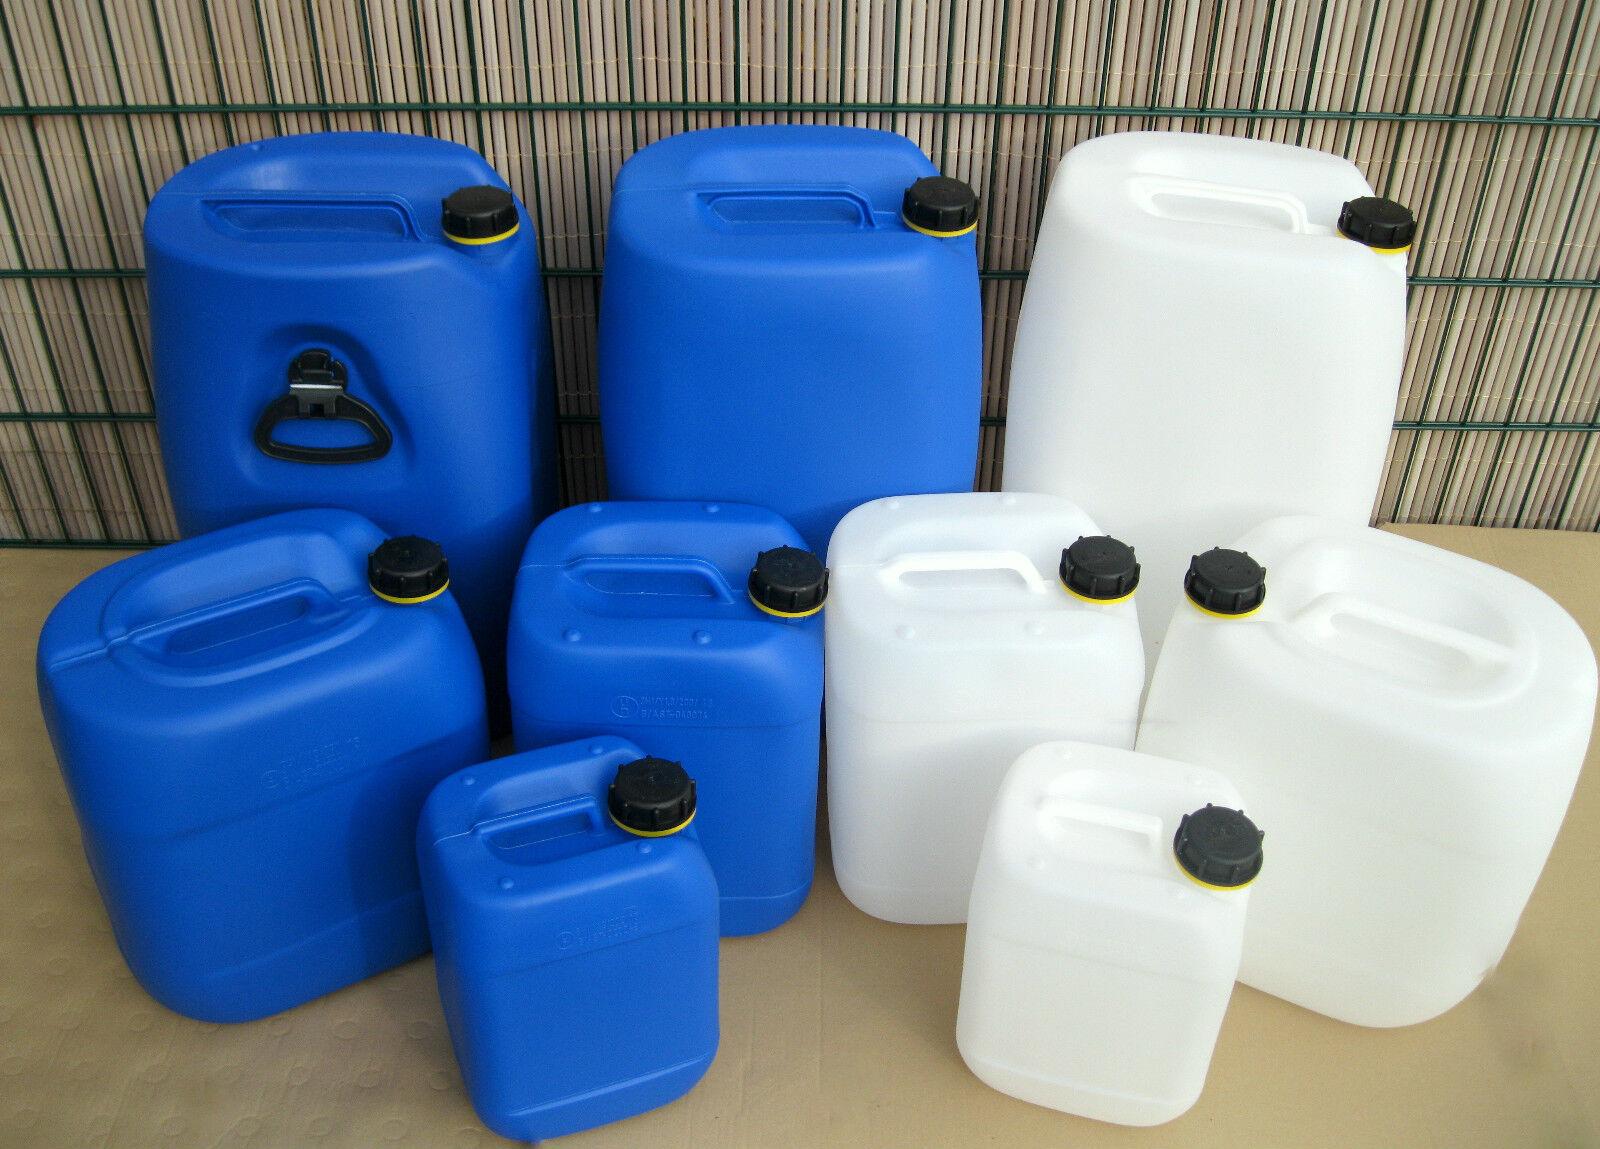 Kanister für Lebensmittel und Getränke Camping & Outdoor 5-60 Liter NEUWARE